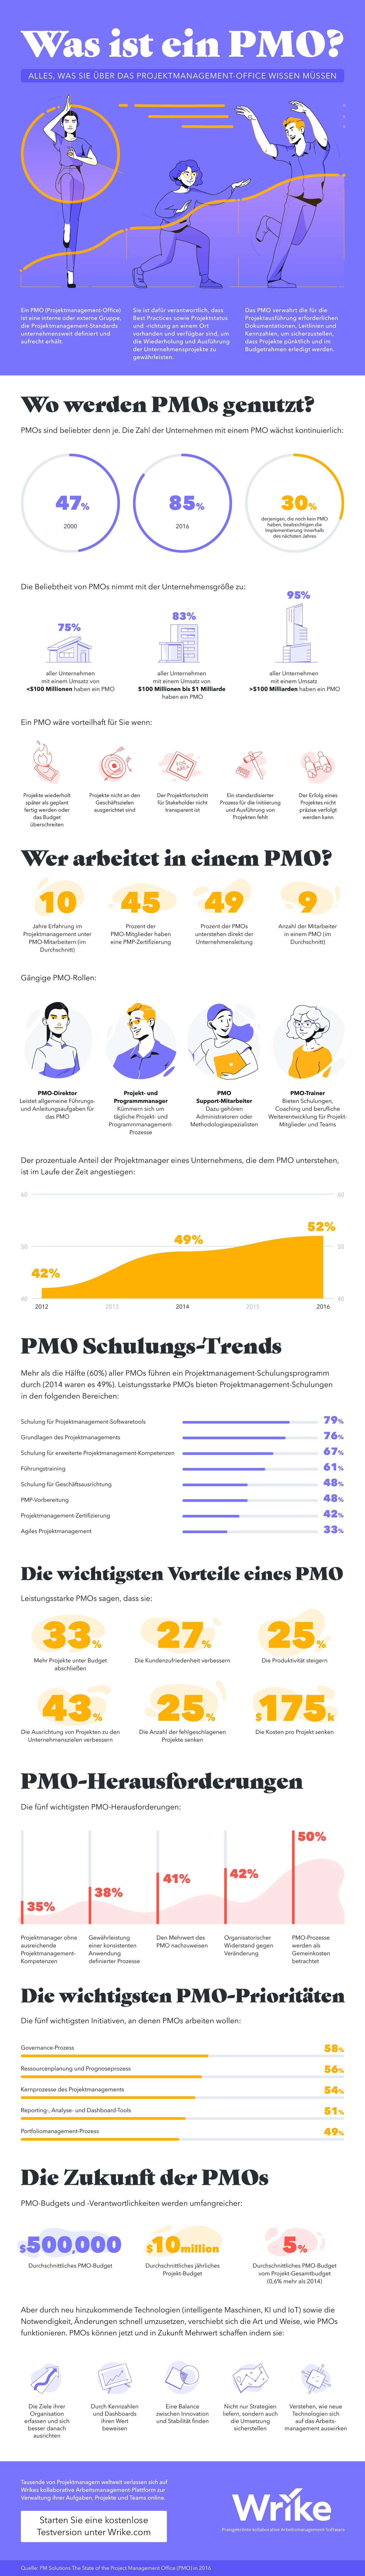 Was ist ein PMO? #infographic